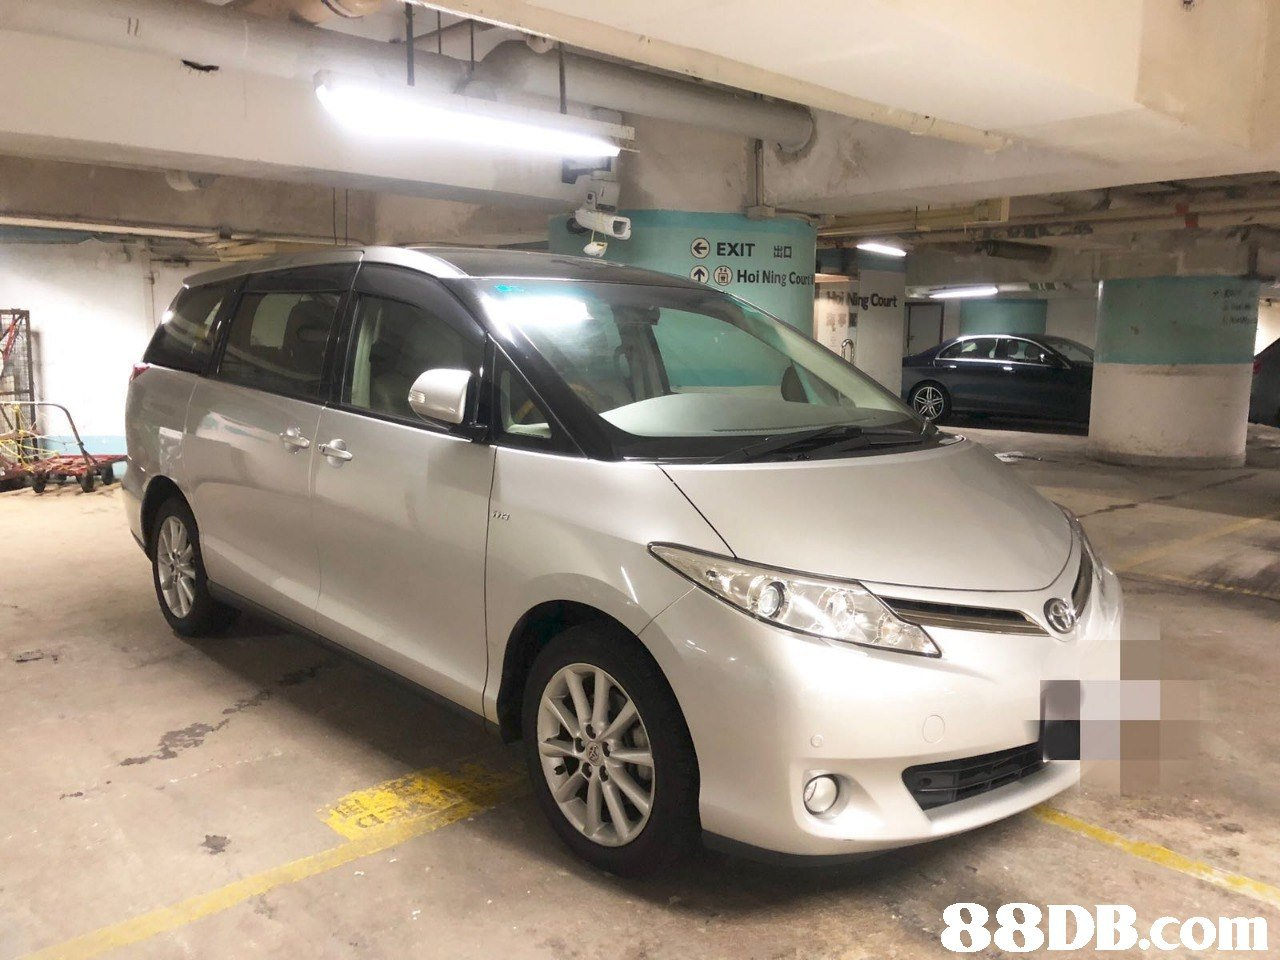 ) Hoi Ning Court Ning Court 88DB.com  land vehicle